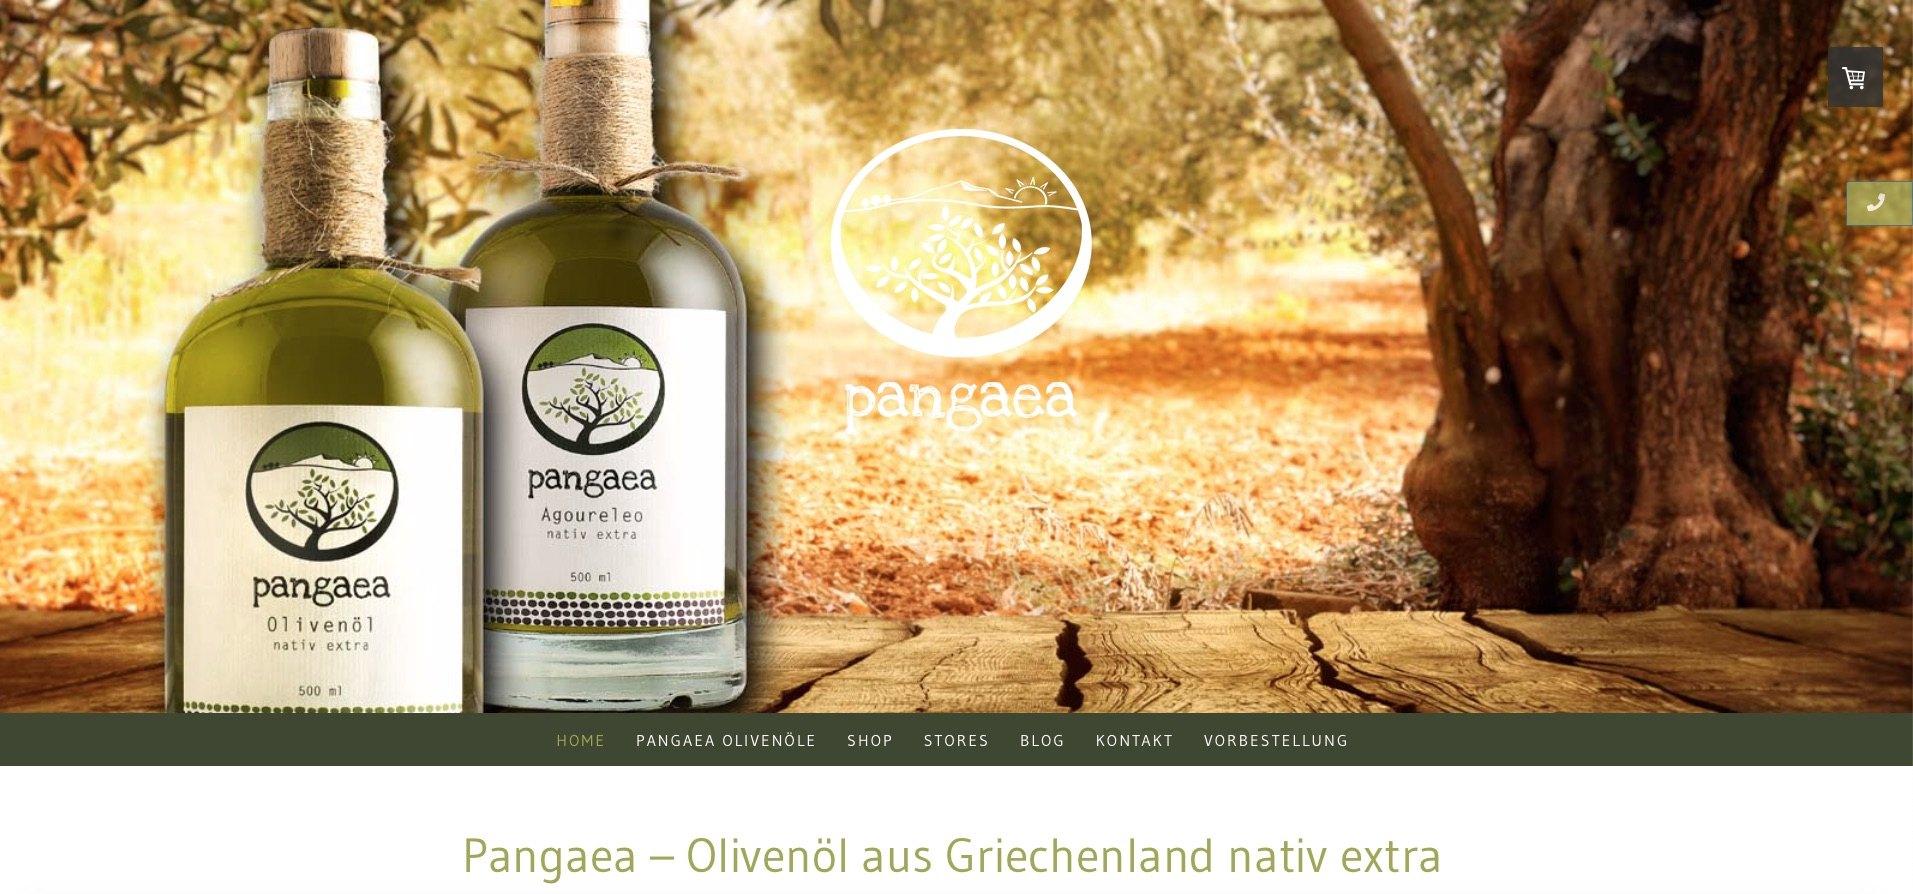 Screenshot des Olivenöl Webshops Pangaea